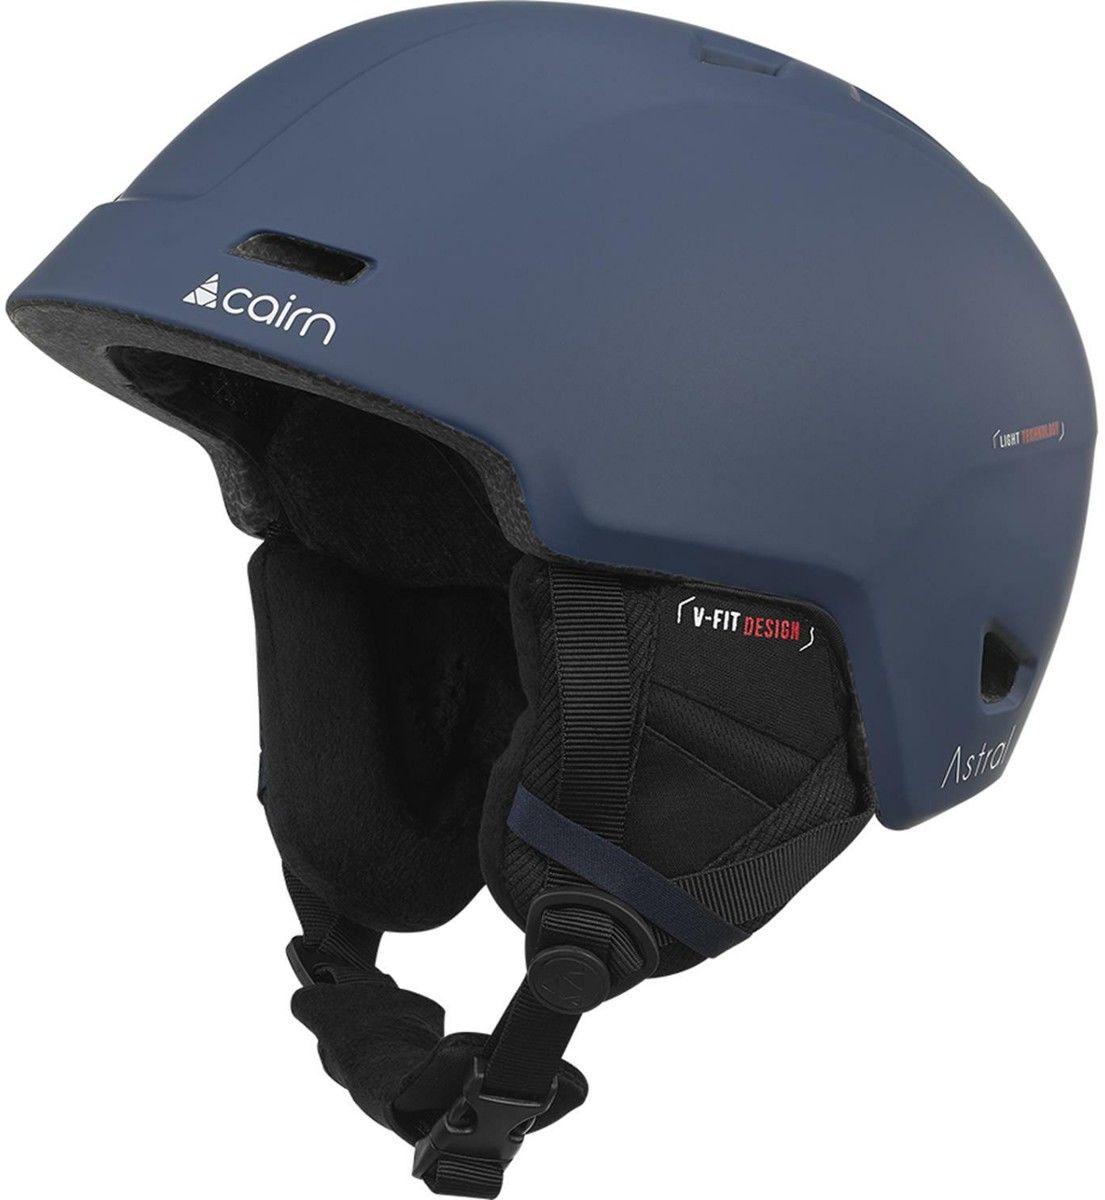 CAIRN kask zimowy narciarski/snowboardowy ASTRAL granatowy Rozmiar: 59-60,060614090